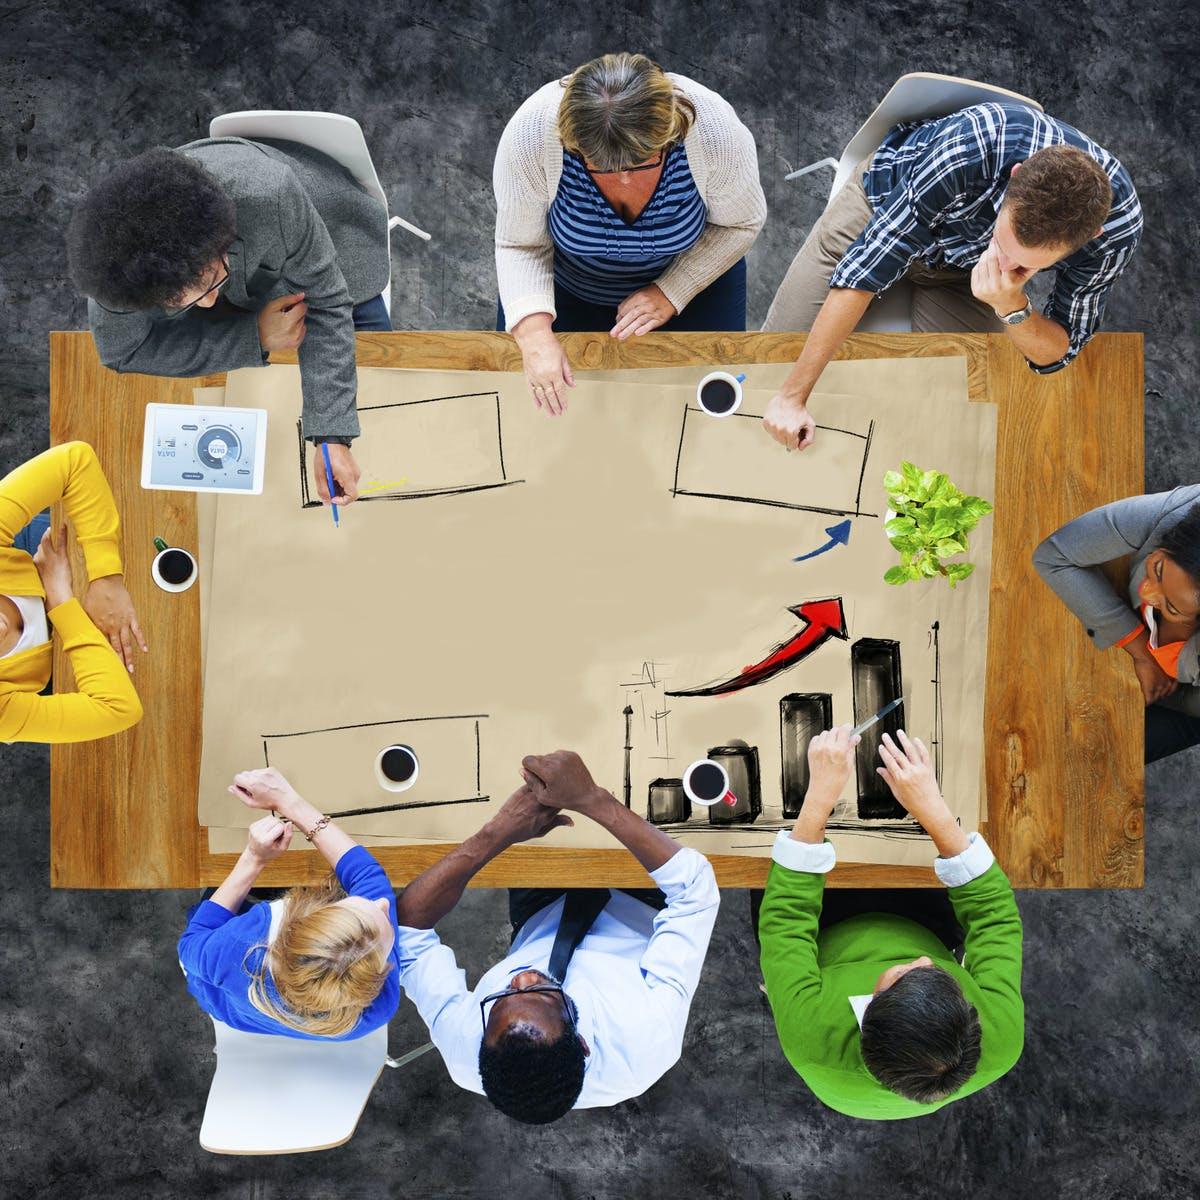 非营利组织董事会治理过程中的角色与职责